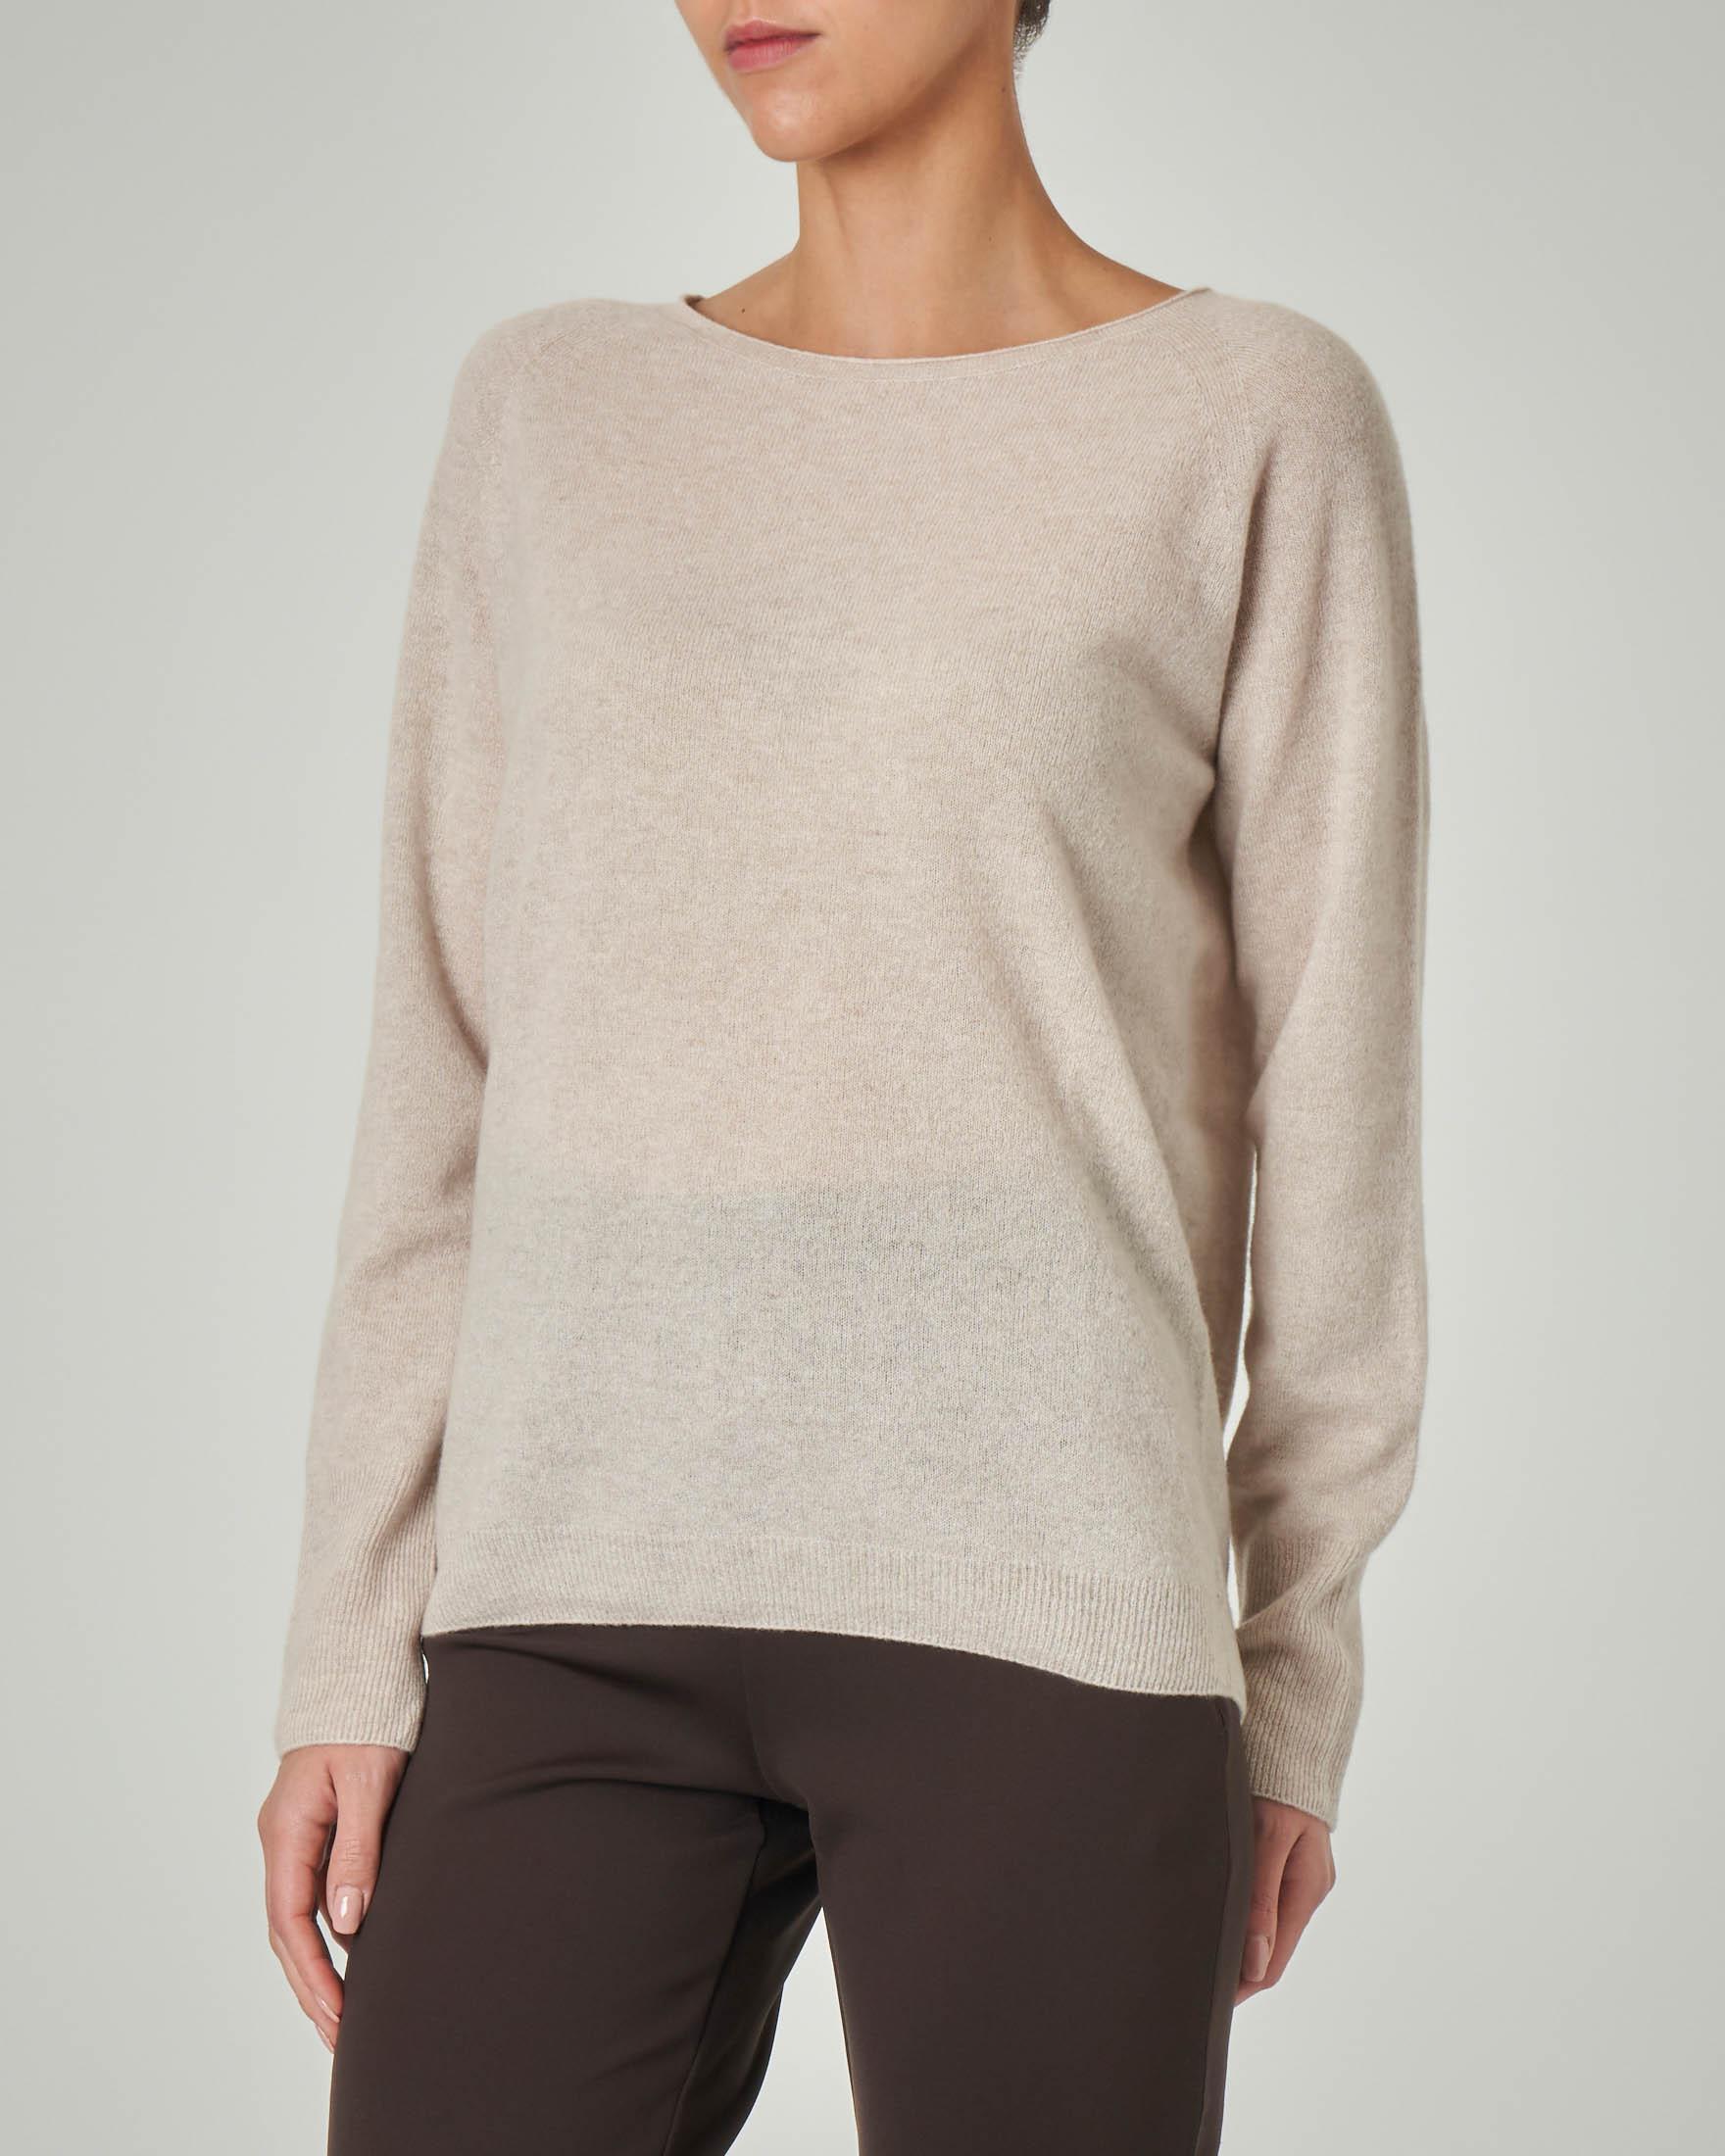 Maglia rasata in lana e cashmere color beige senza cuciture